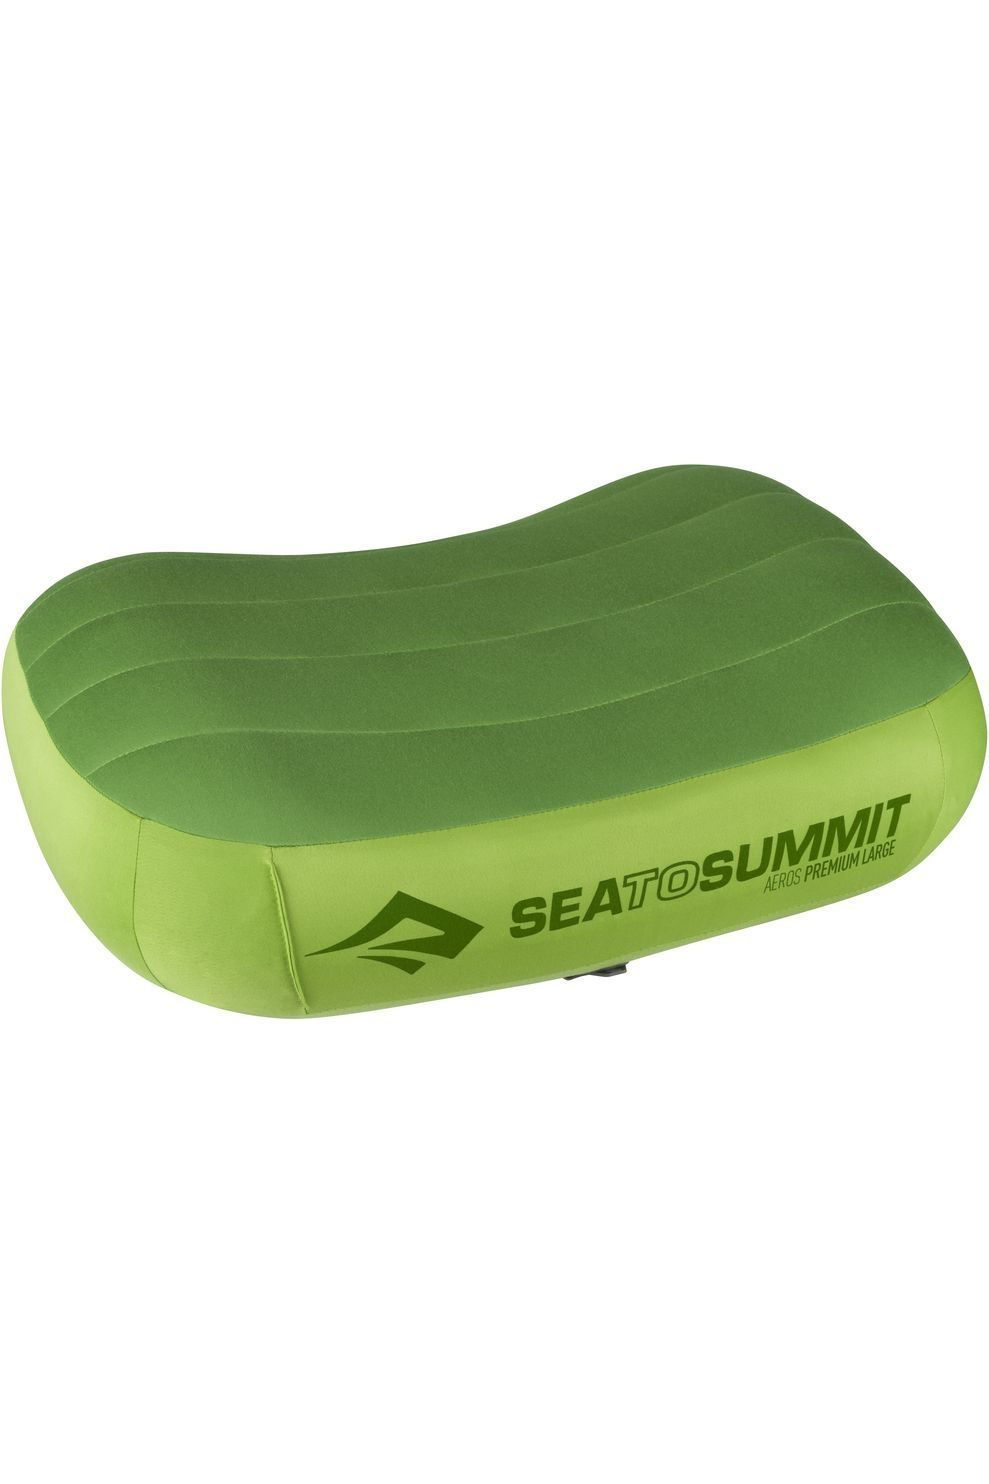 Sea To Summit Kussen Aeros Premium Pillow Large - Limoen Groen